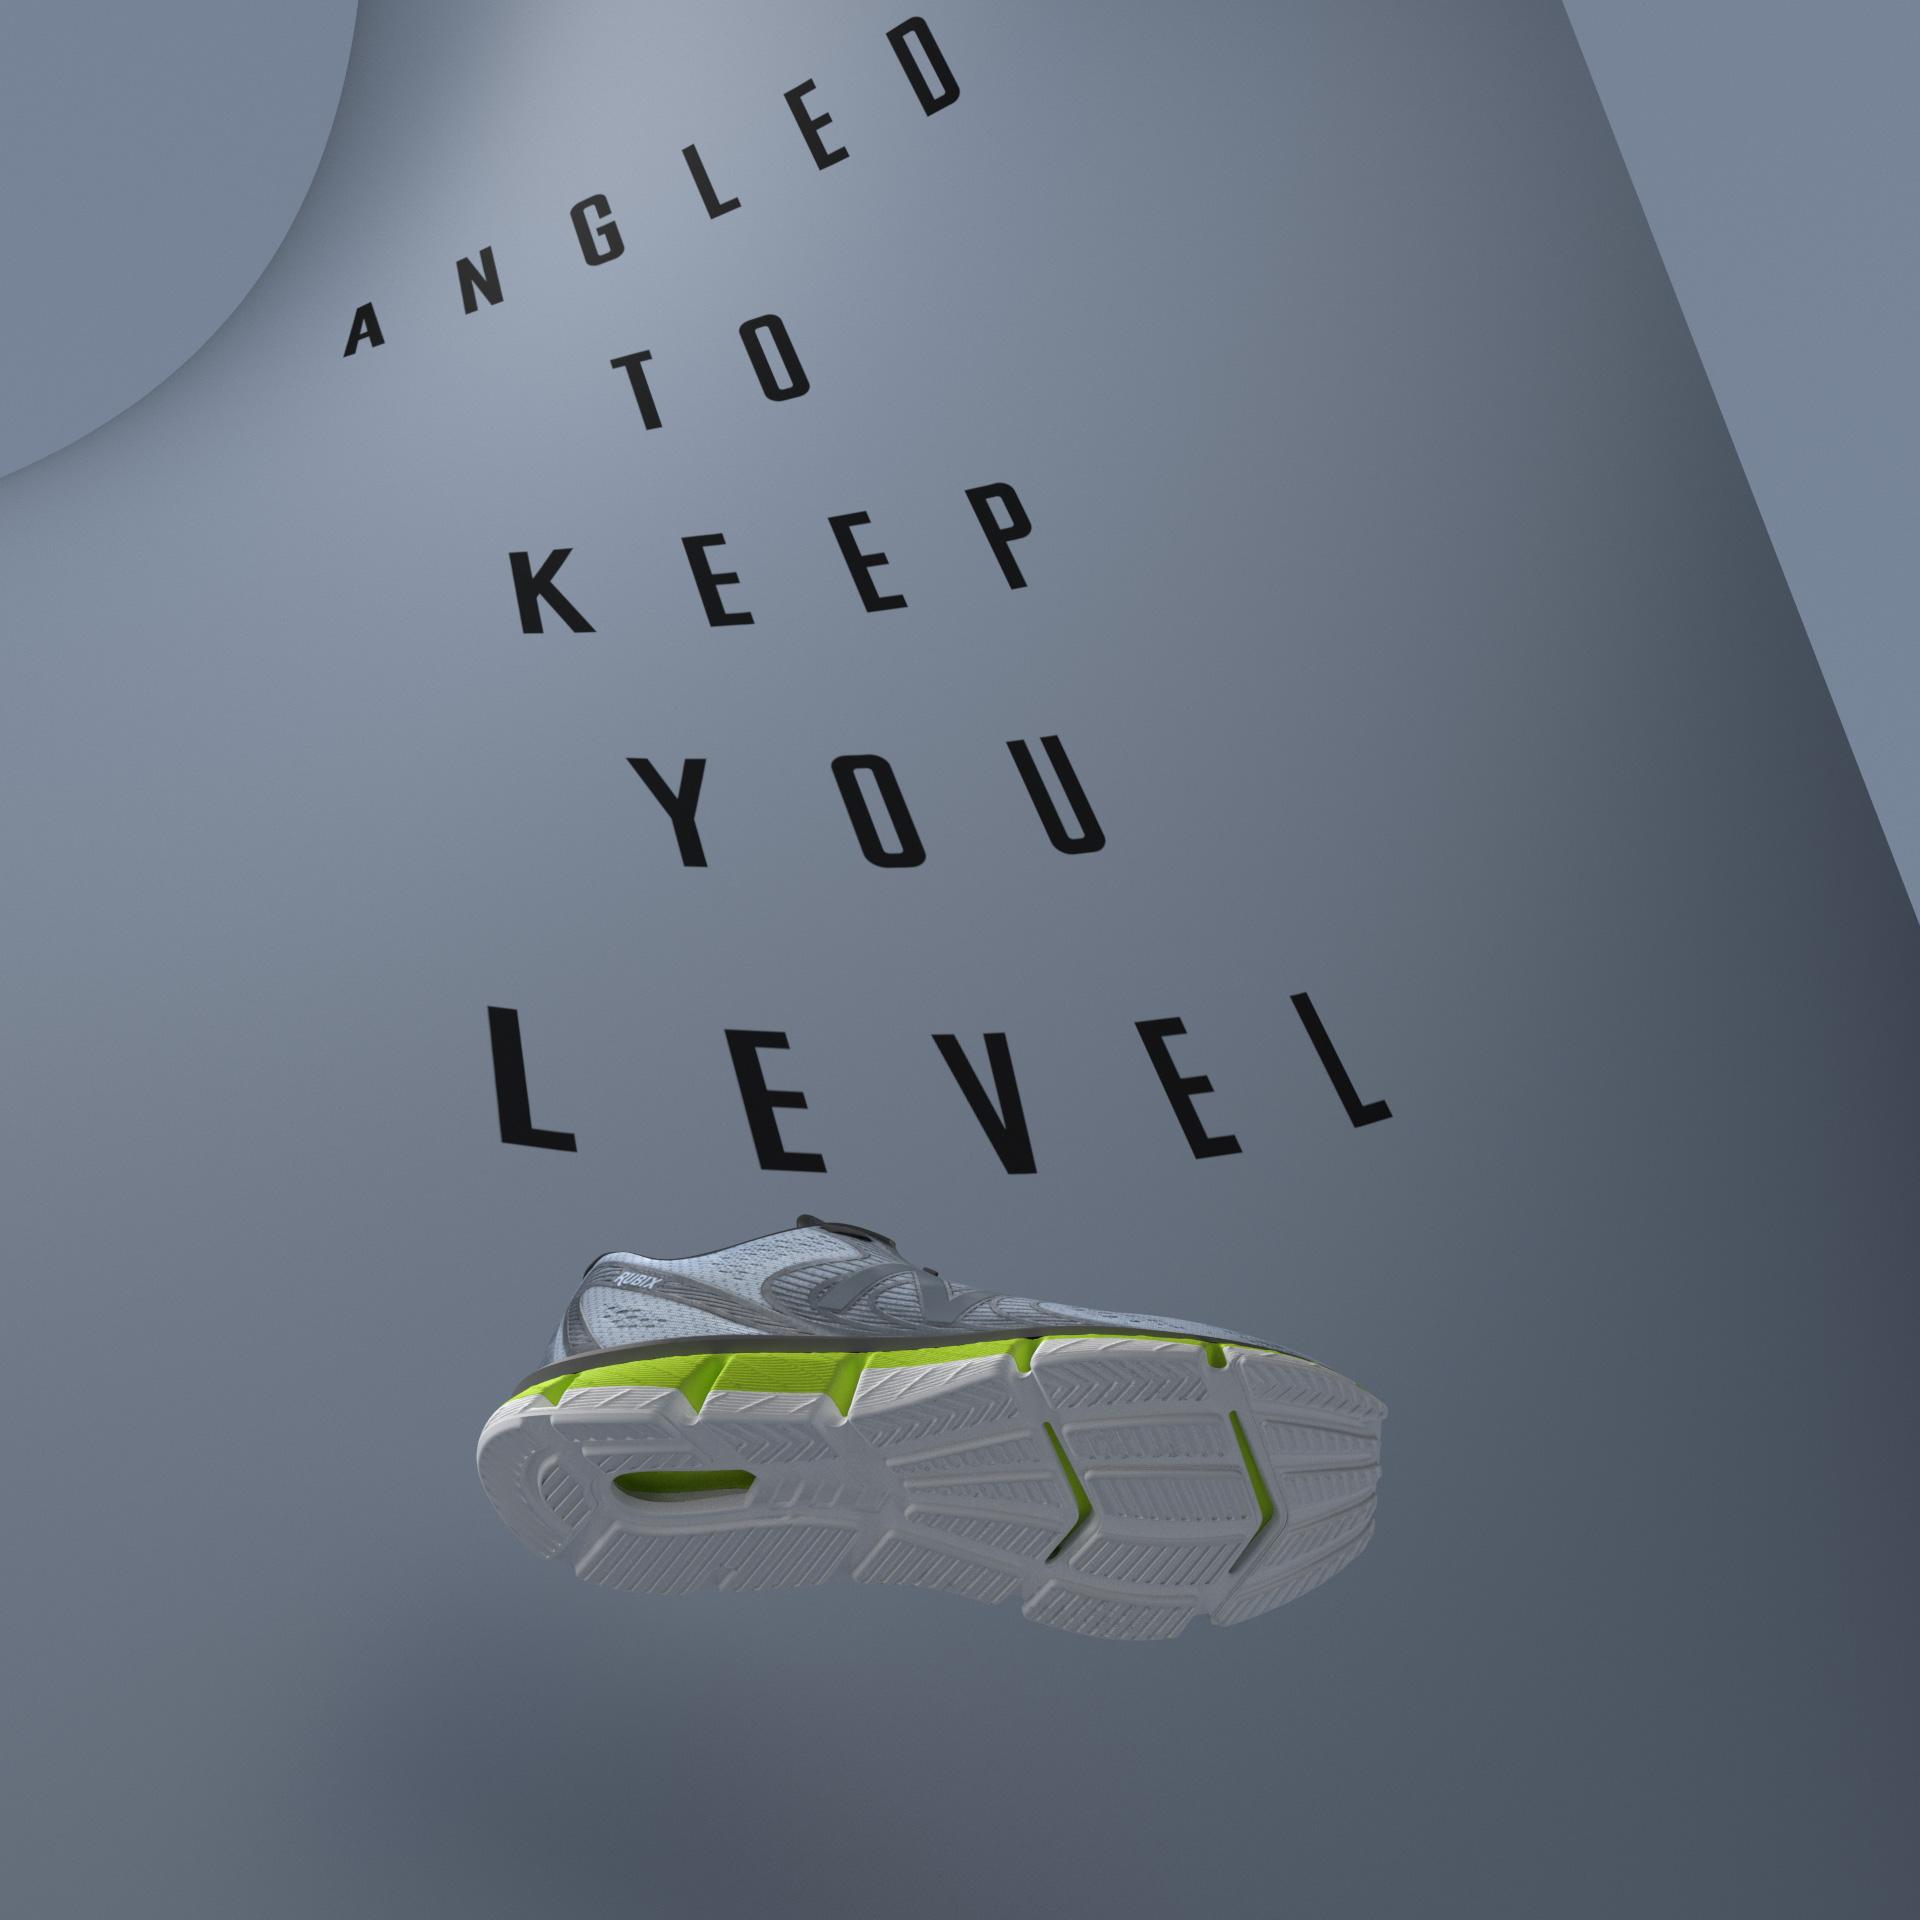 Poster_v3_001.jpg